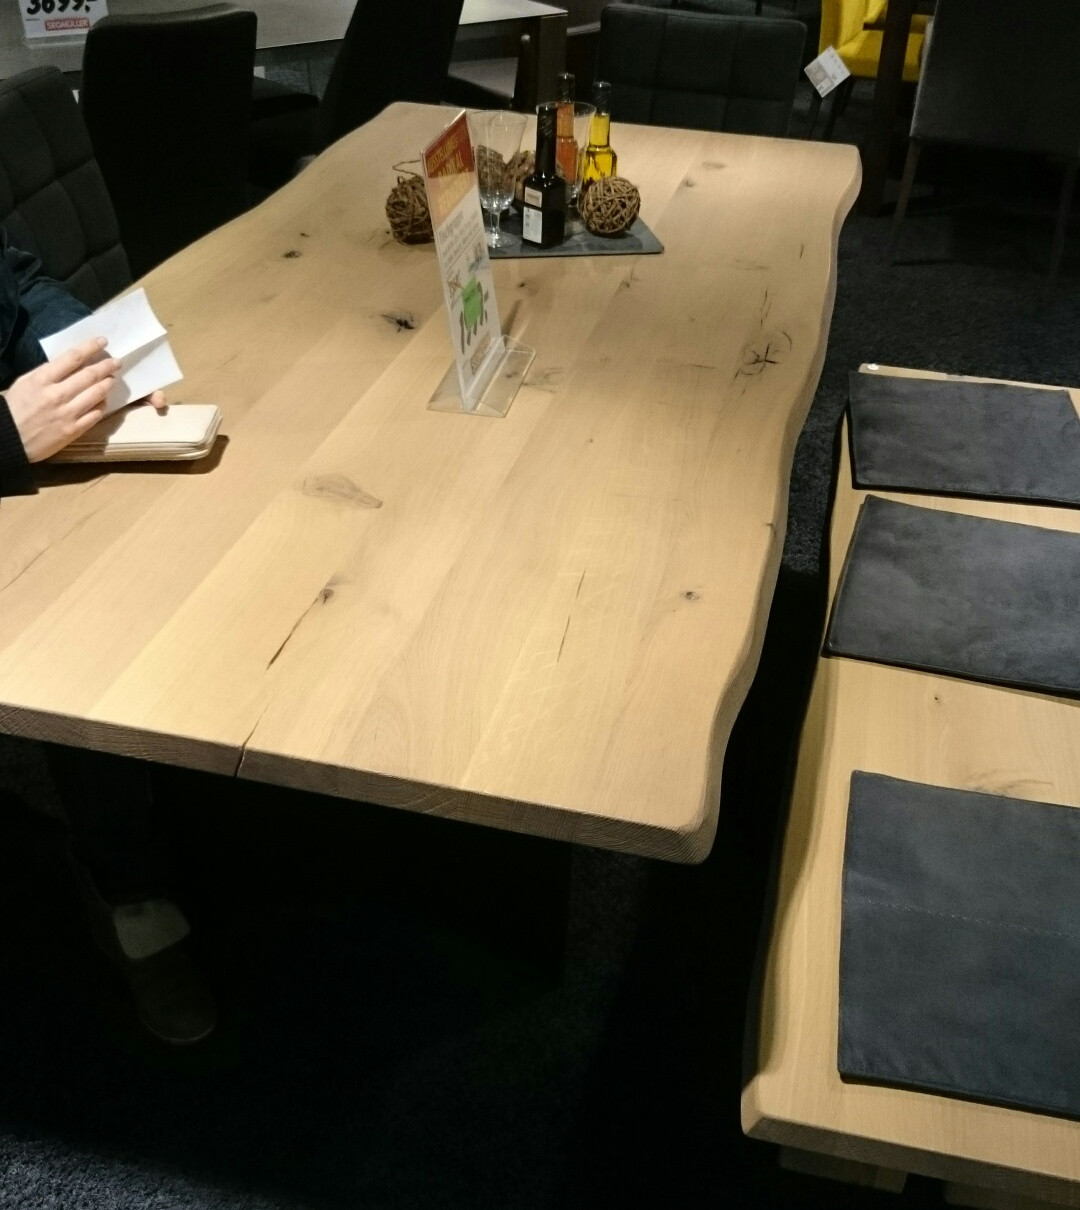 Esstisch Selber Bauen  Esstischlberuen Tisch